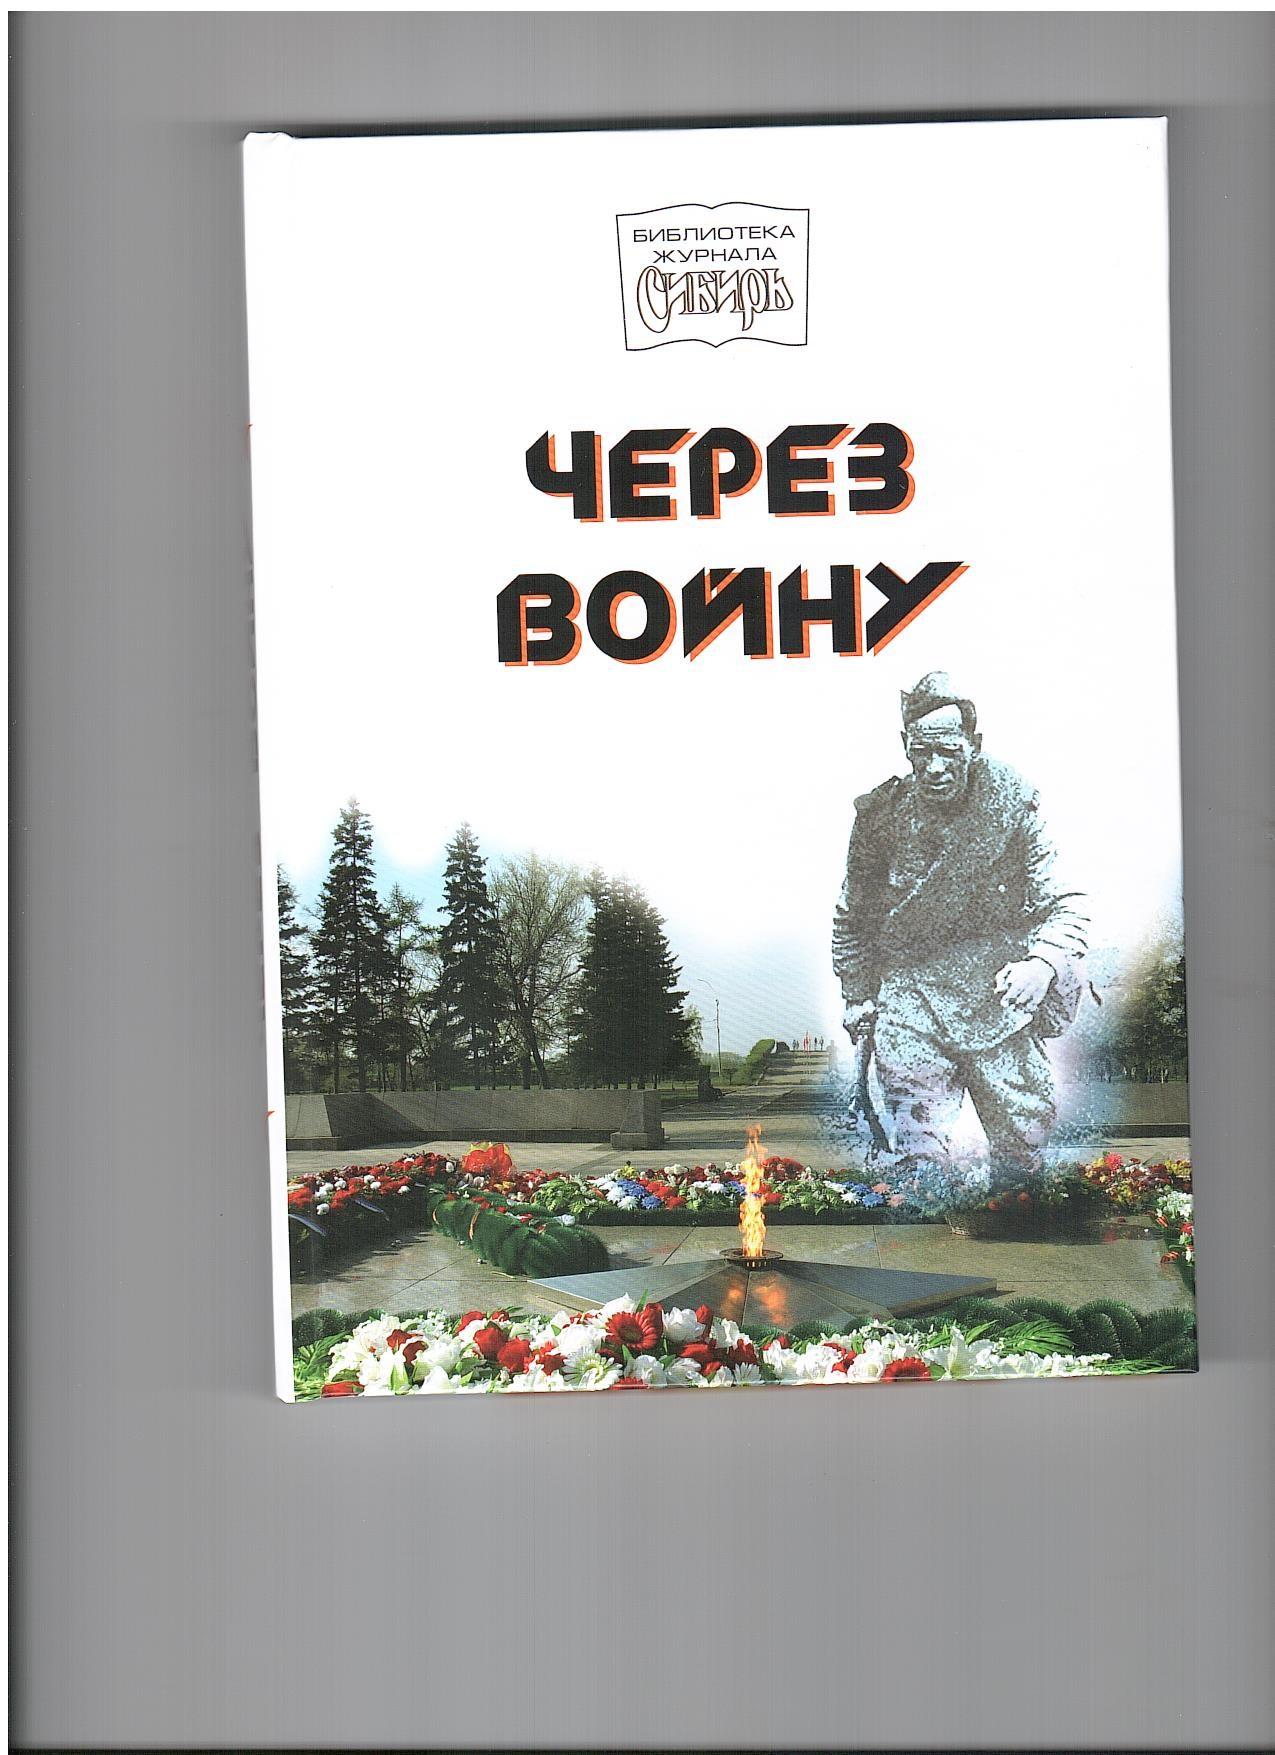 Через войну: повести и рассказы о Великой Отечественной войне